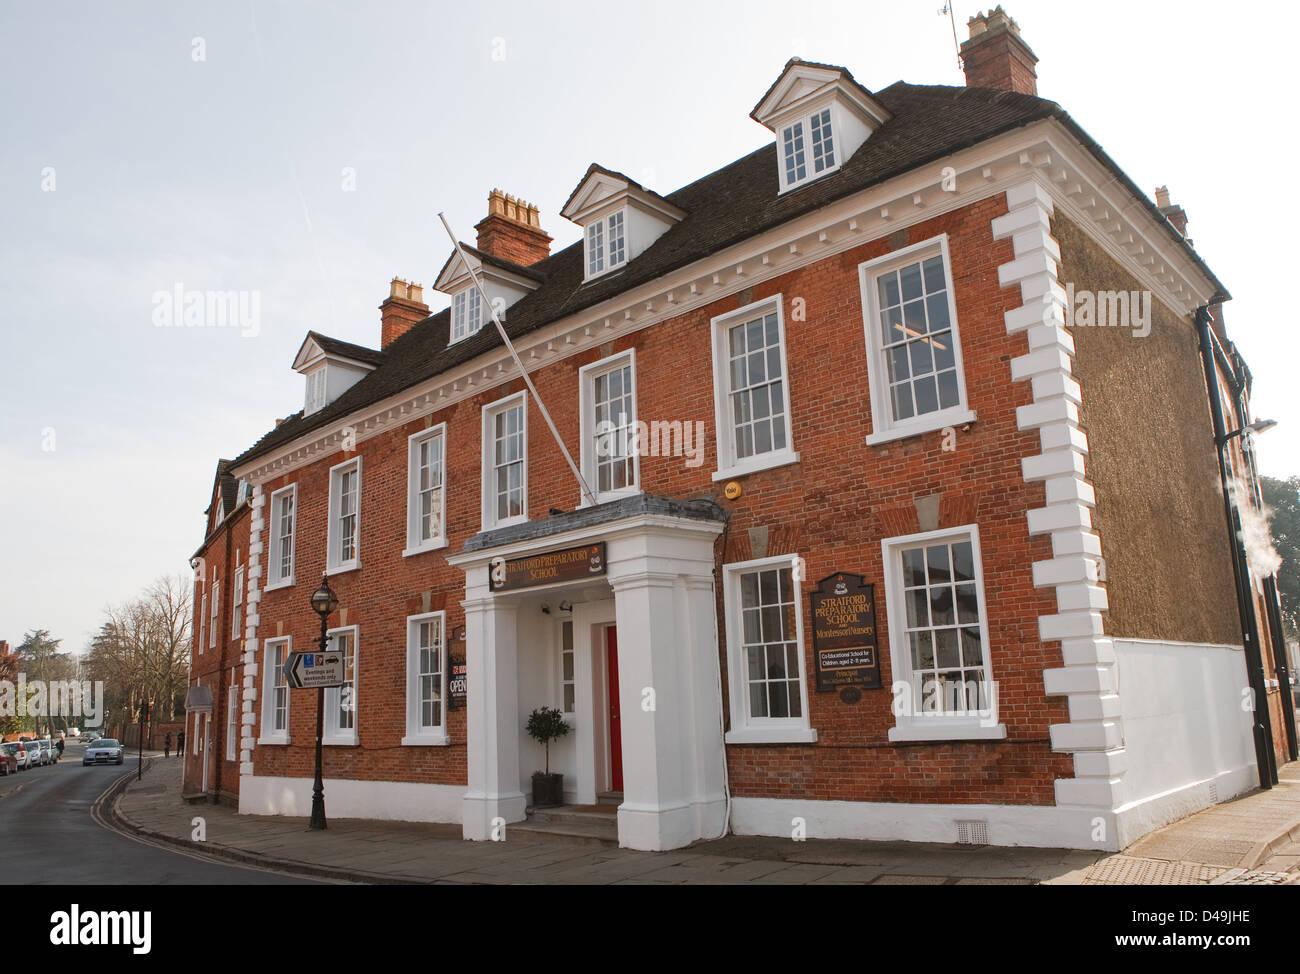 Stratford Preparatory school in Stratford Upon Avon - Stock Image